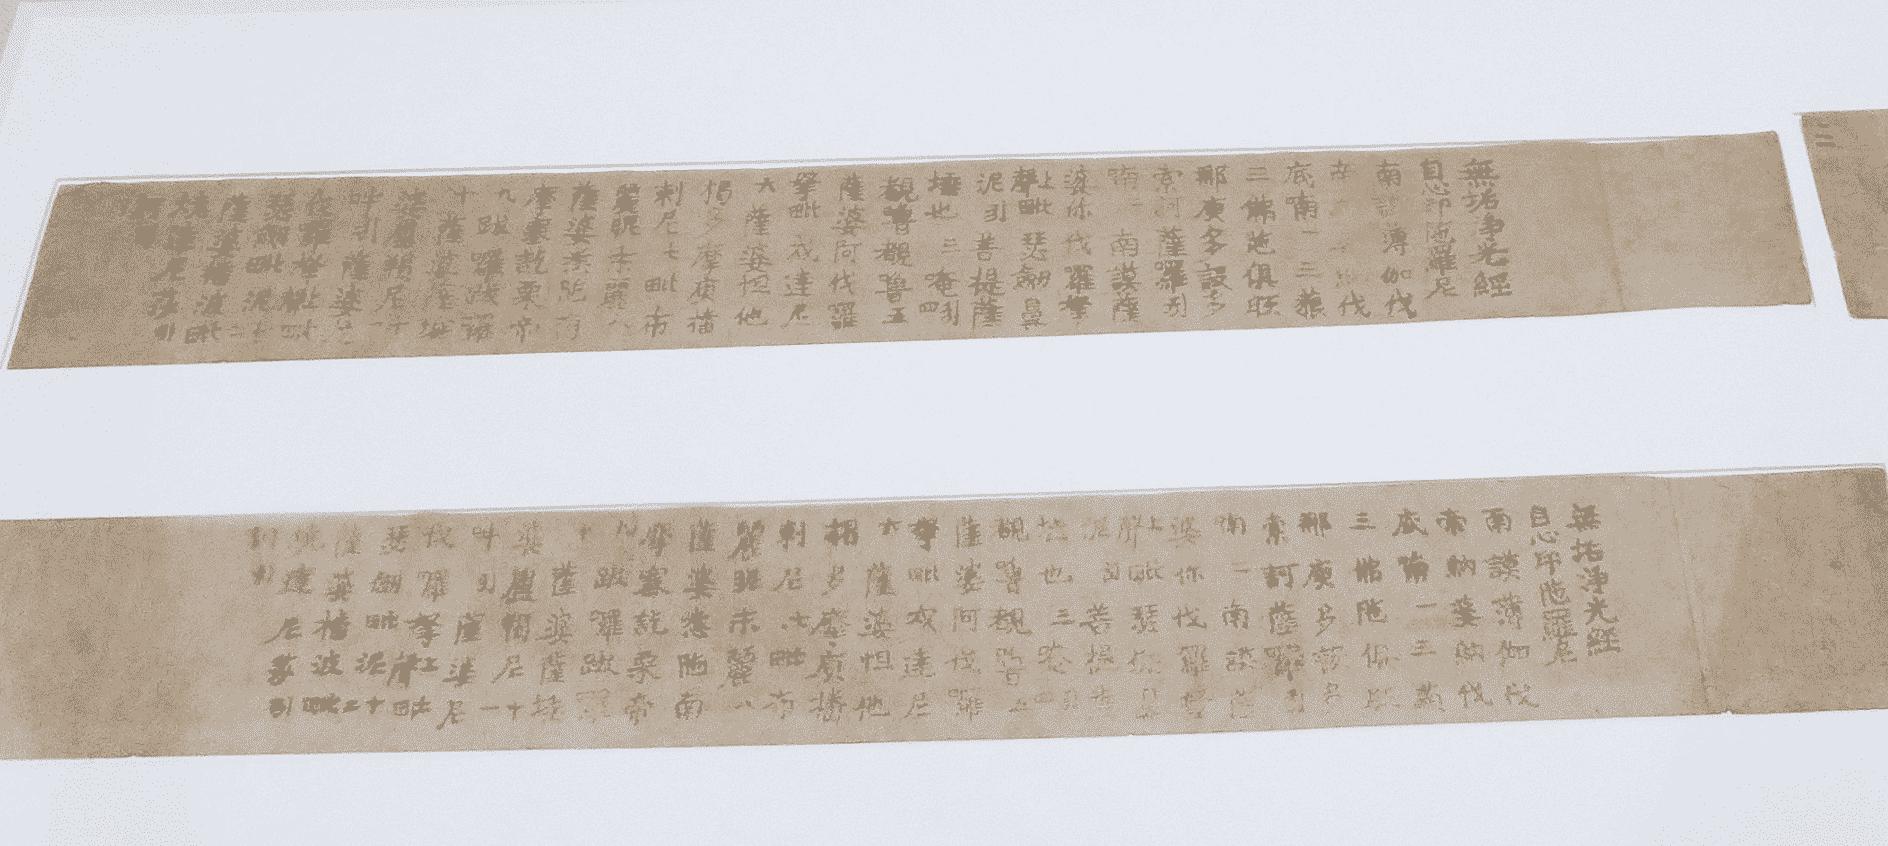 世界一古い印刷物は法隆寺にあるという雑学